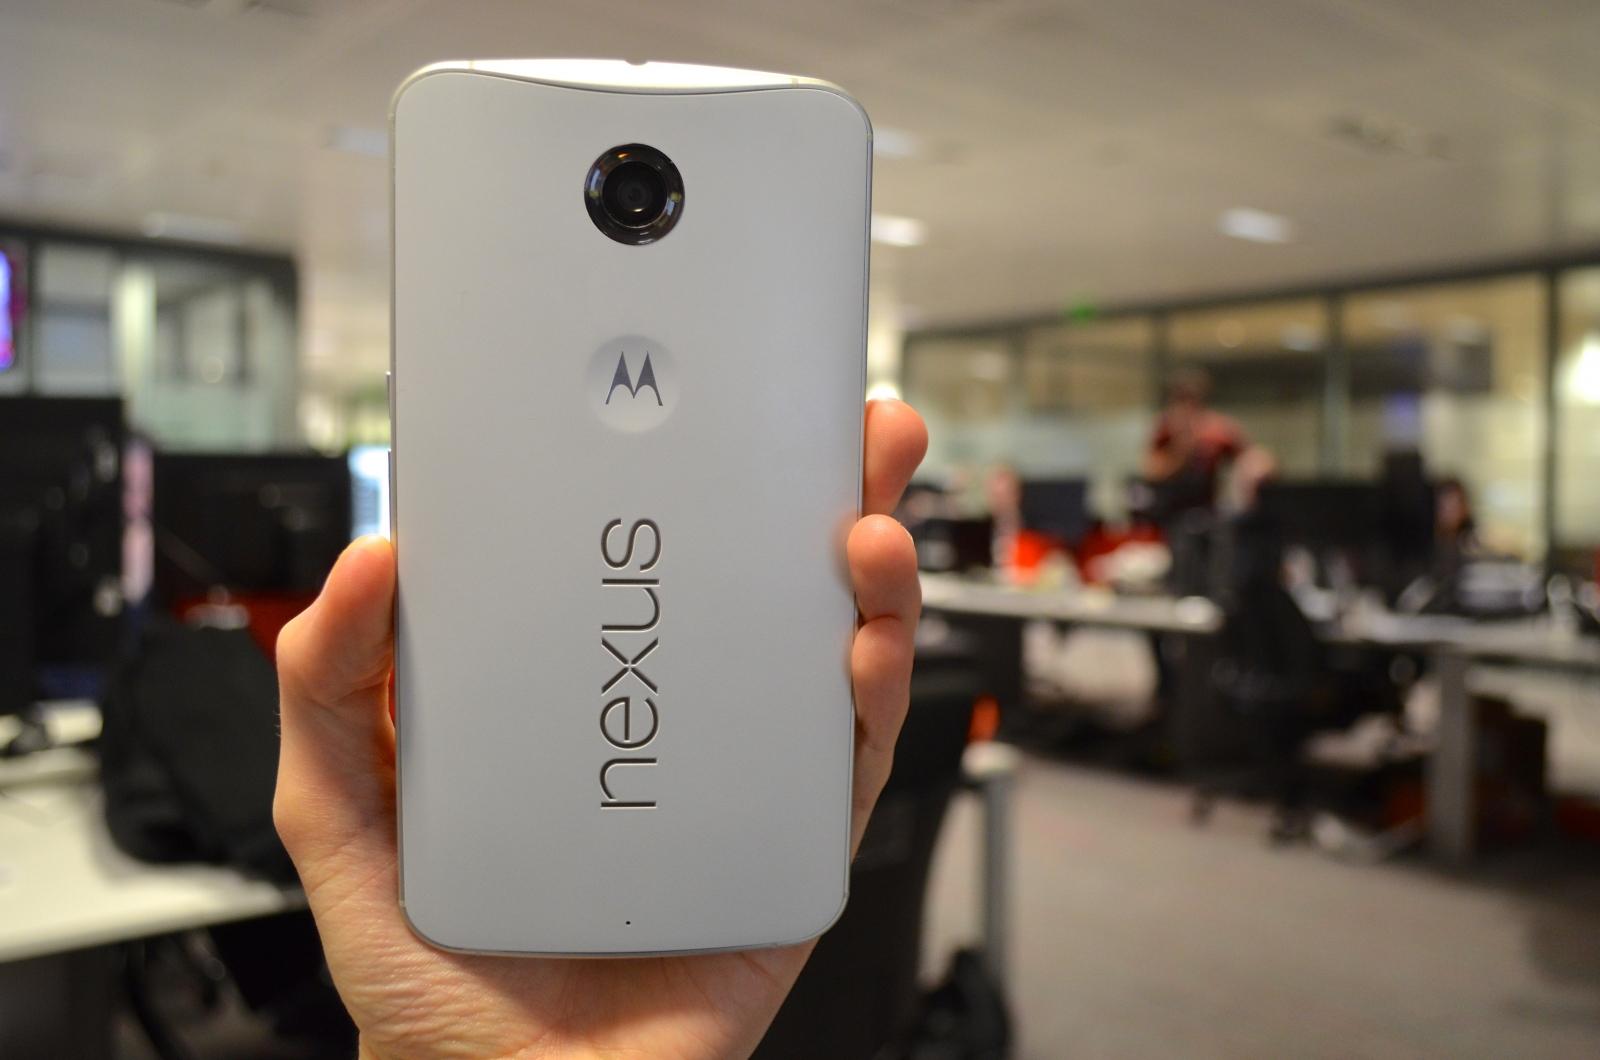 Nexus 6 YouTube app lag issues